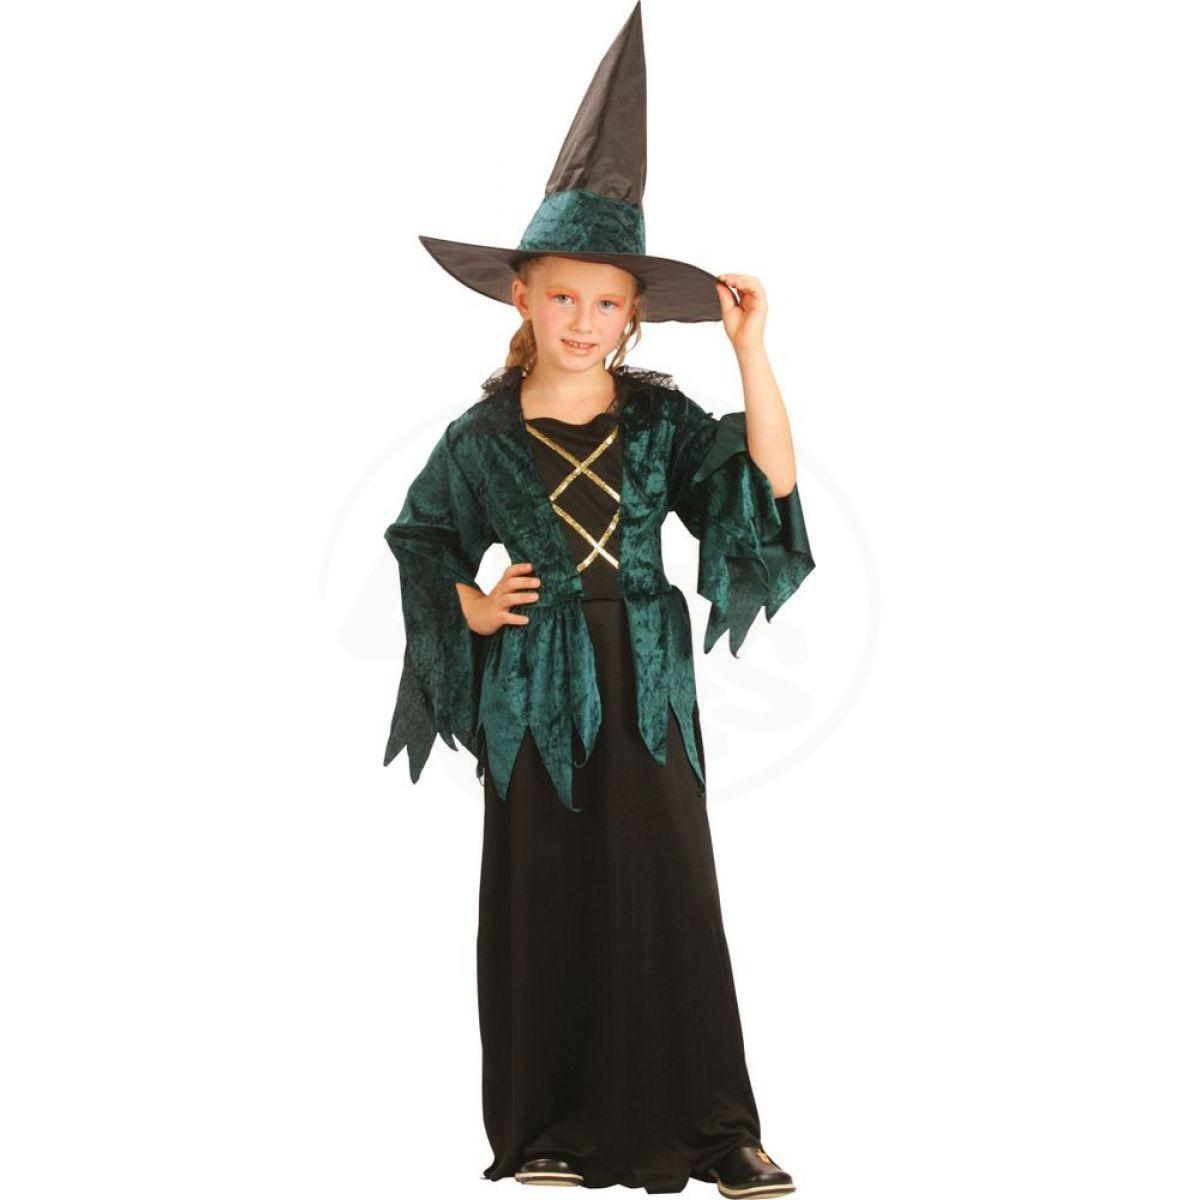 d6f90840fd0 Carodejnicky klobouk s vlasy carodejnice